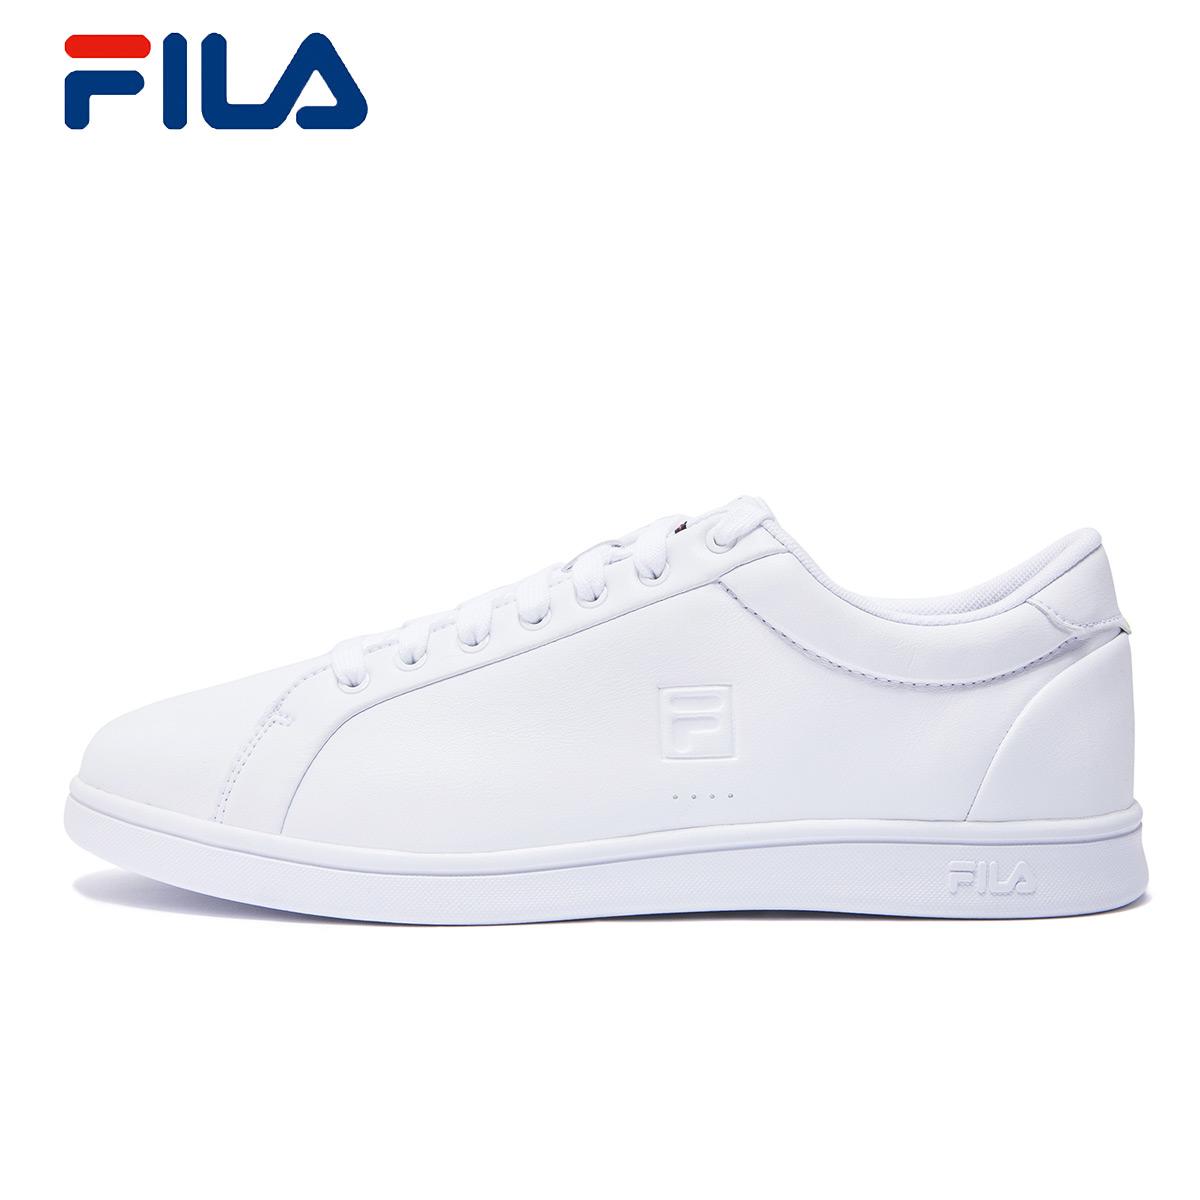 FILA FEI le men's shoes 2017 autumn new tennis culture Shoes